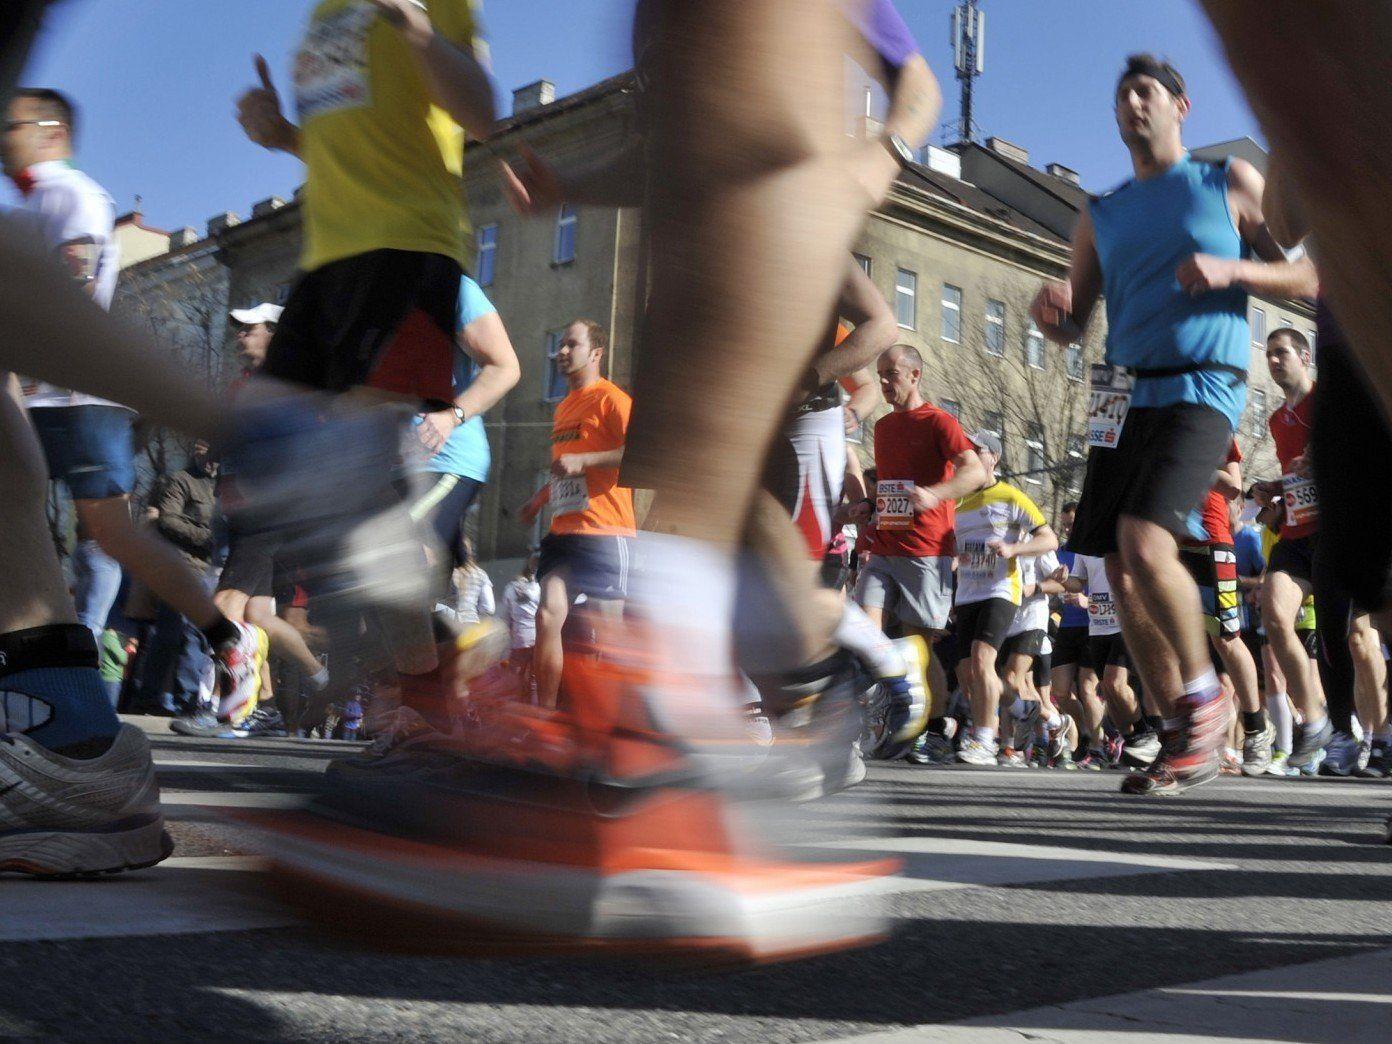 Am Samstag und Sonntag kommt es im Zuge der Läufe des Vienna City Marathons 2014 zu Straßensperren.